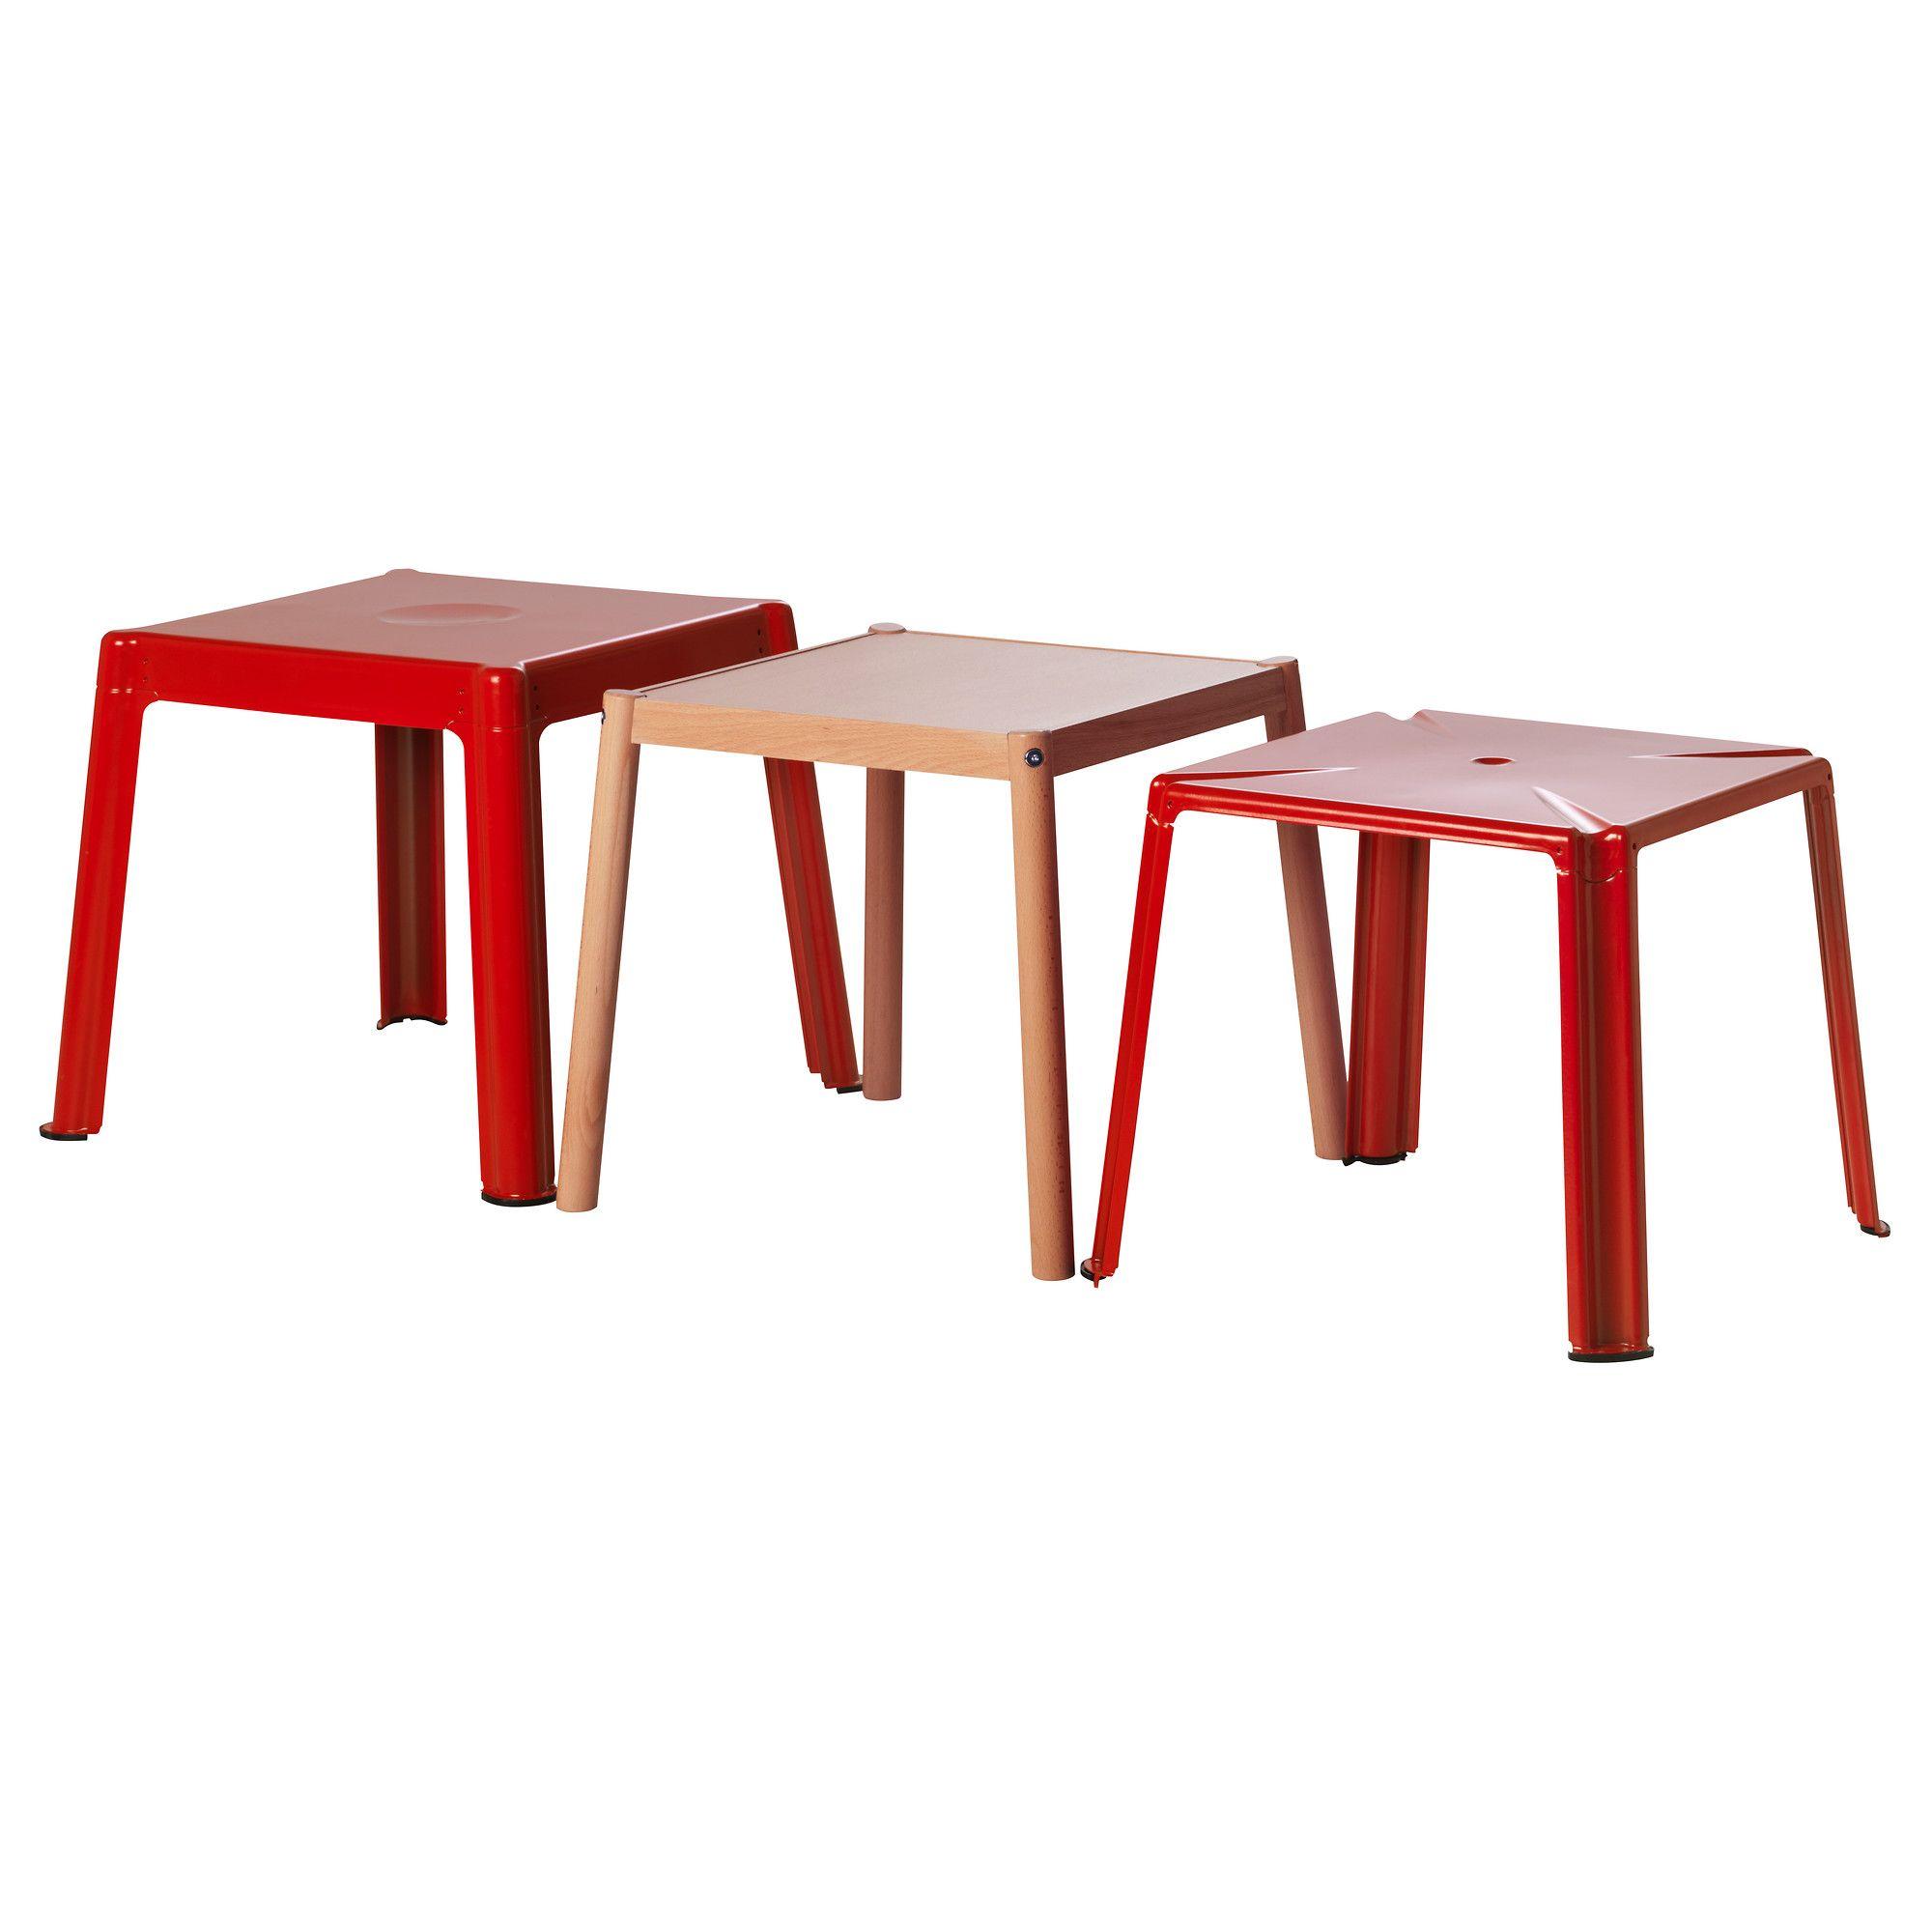 kann ich bitte nur den tisch in der mitte haben katalog s 142 ikea ps 2012 satztische 3 st. Black Bedroom Furniture Sets. Home Design Ideas